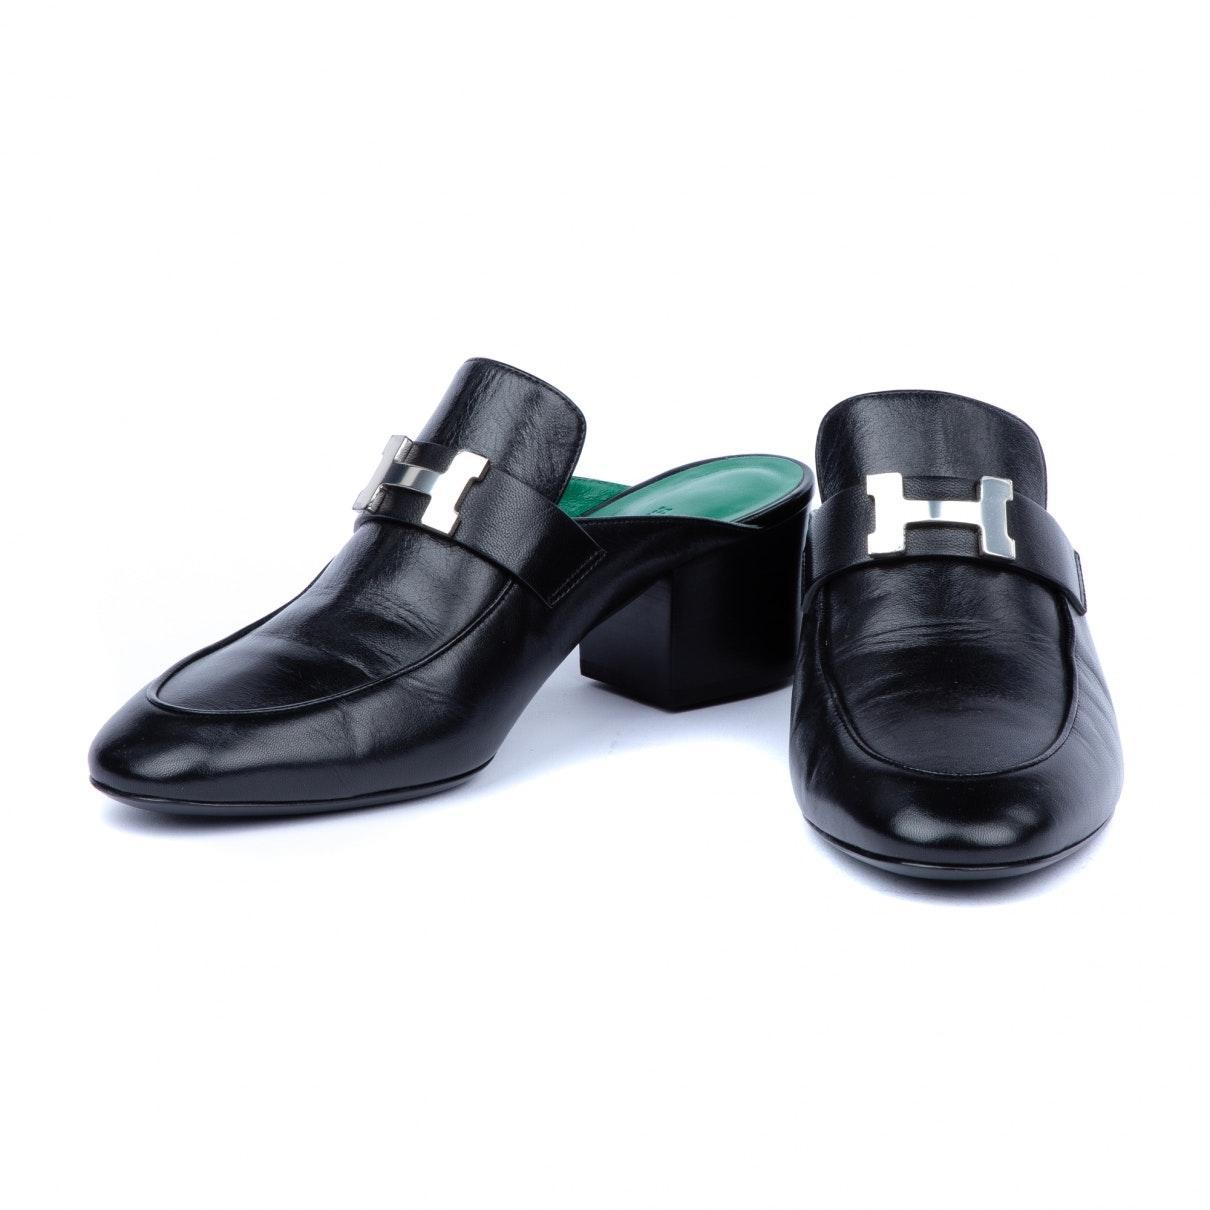 Zuecos de Cuero Hermès de color Negro